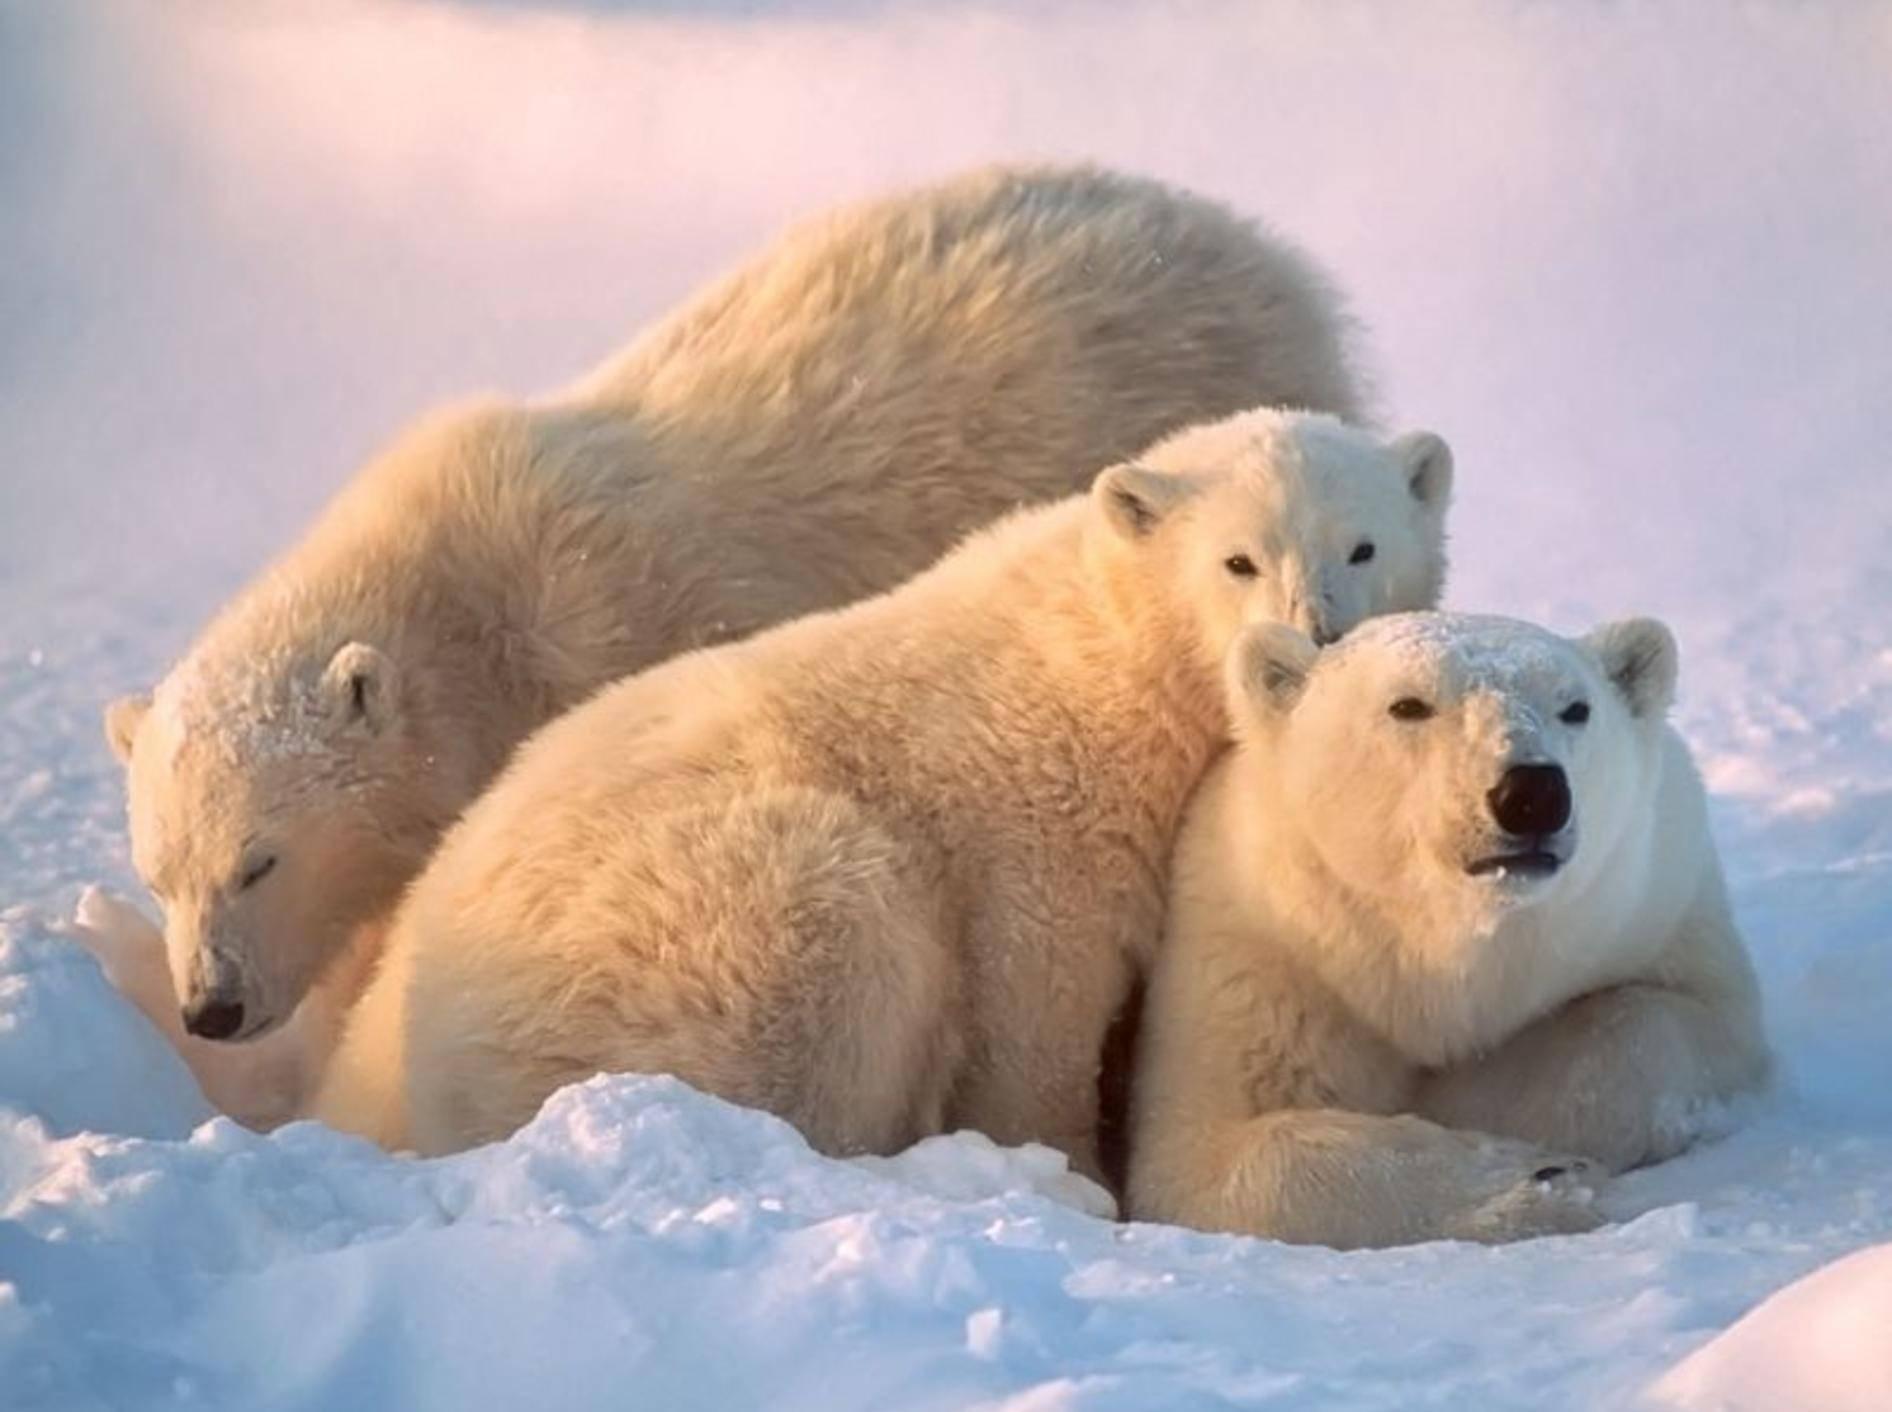 Eisbärfamilie: Zusammen den Sonnenuntergang genießen — Bild: Shutterstock / outdoorsman